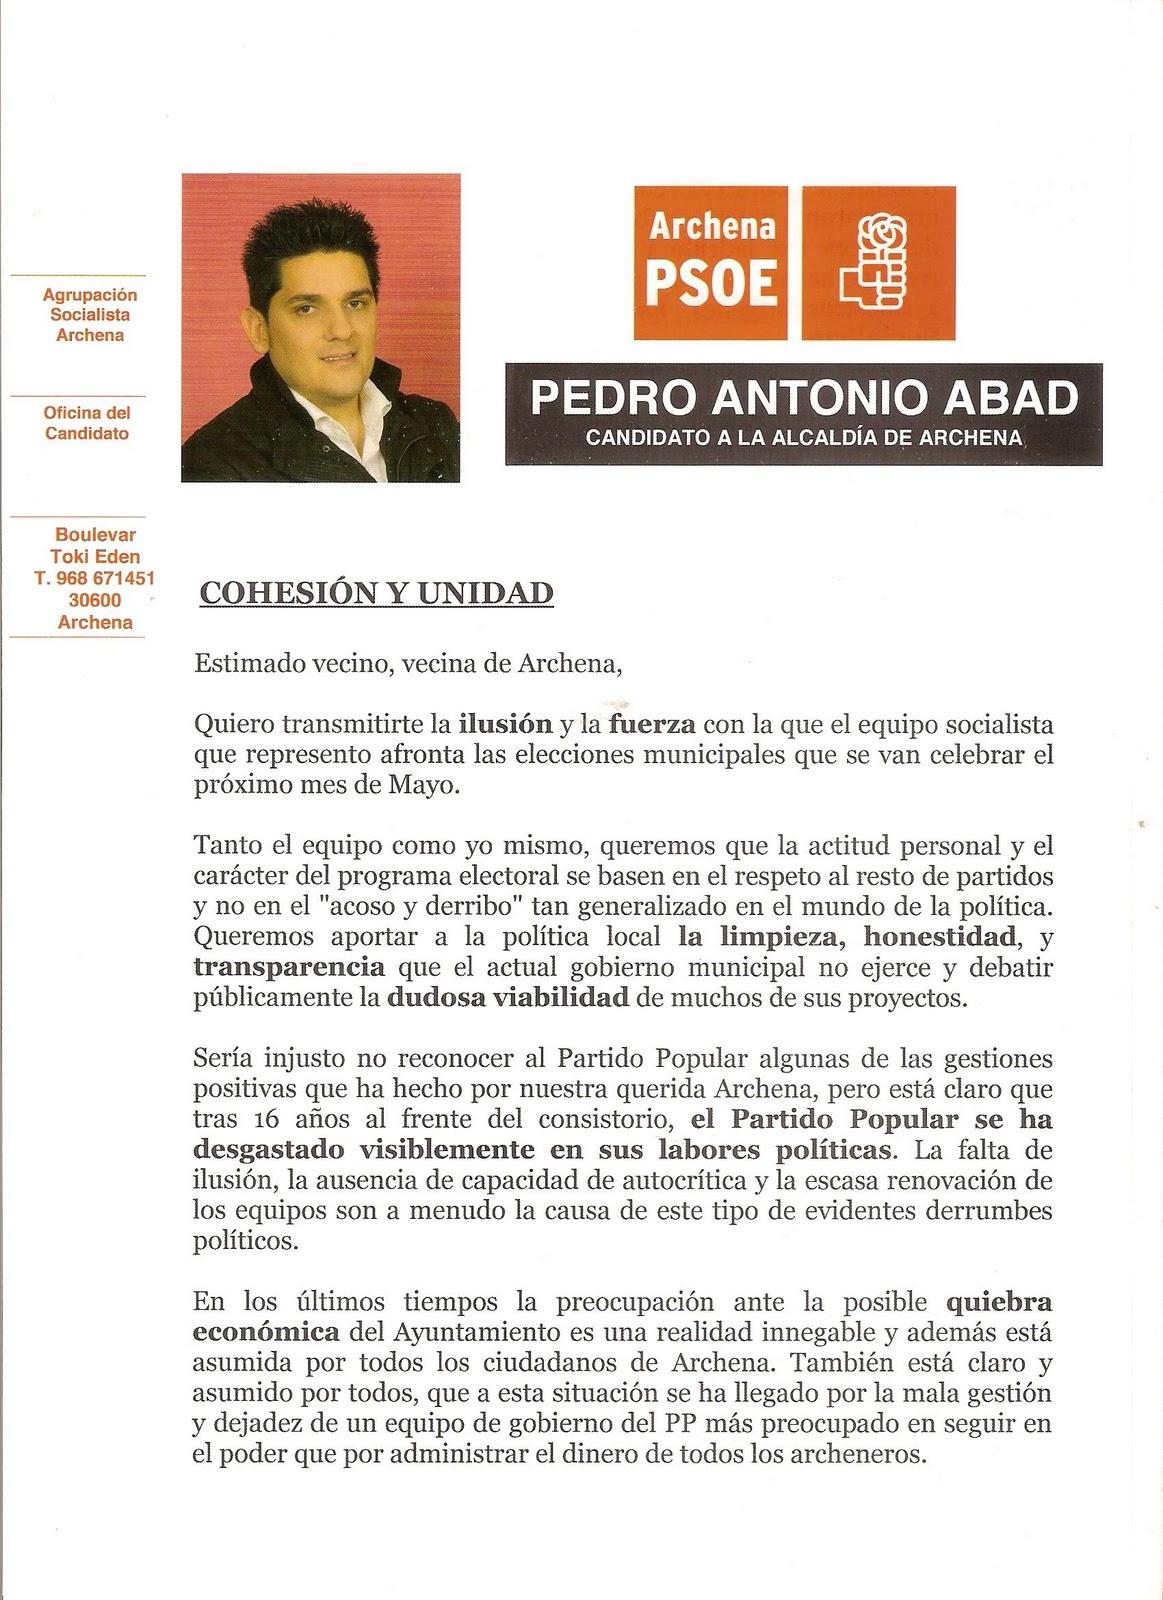 Archenanews/Sociedad: Carta de presentación del candidato del PSOE a ...